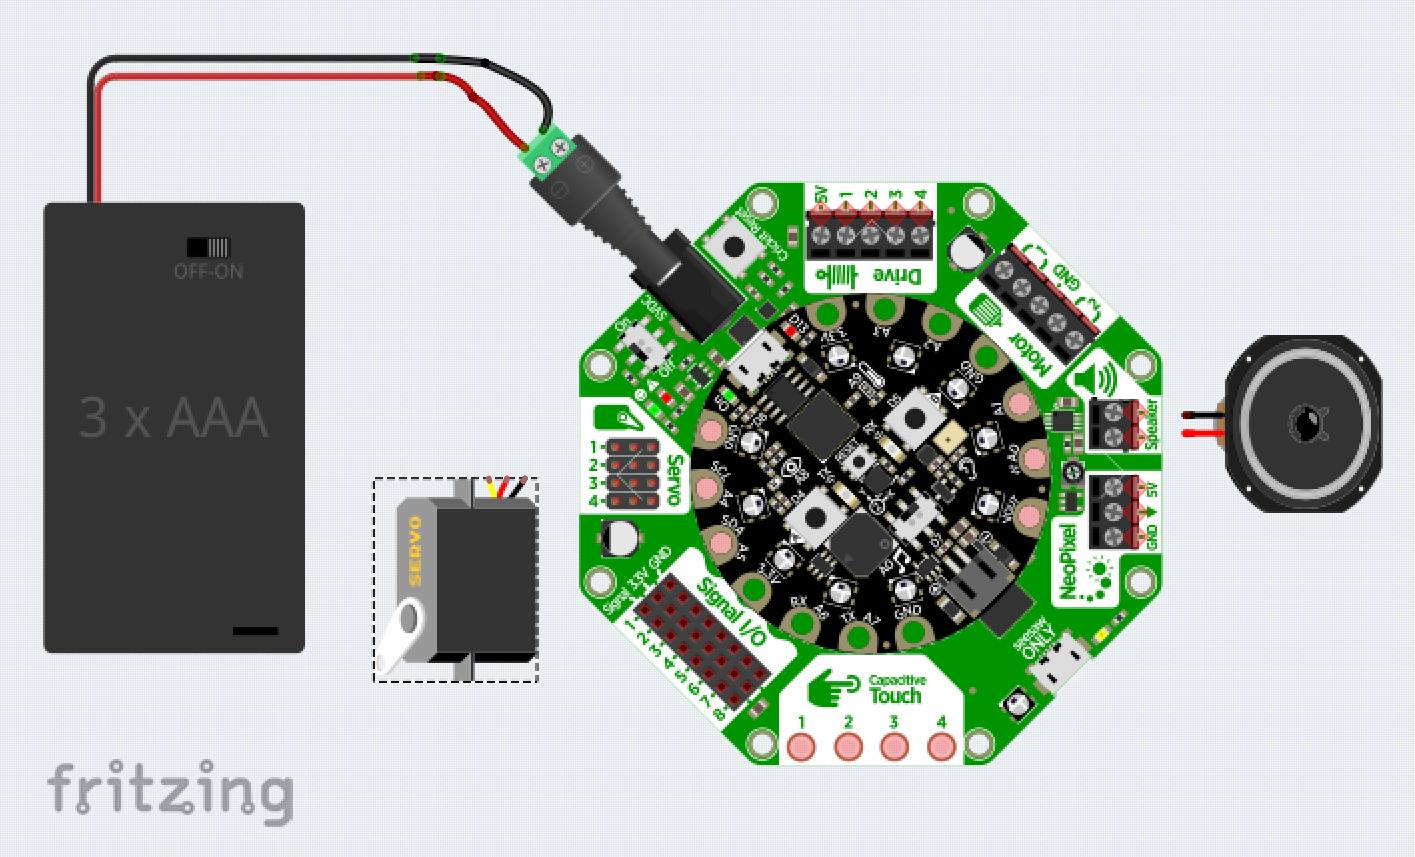 circuitpython_upload.png